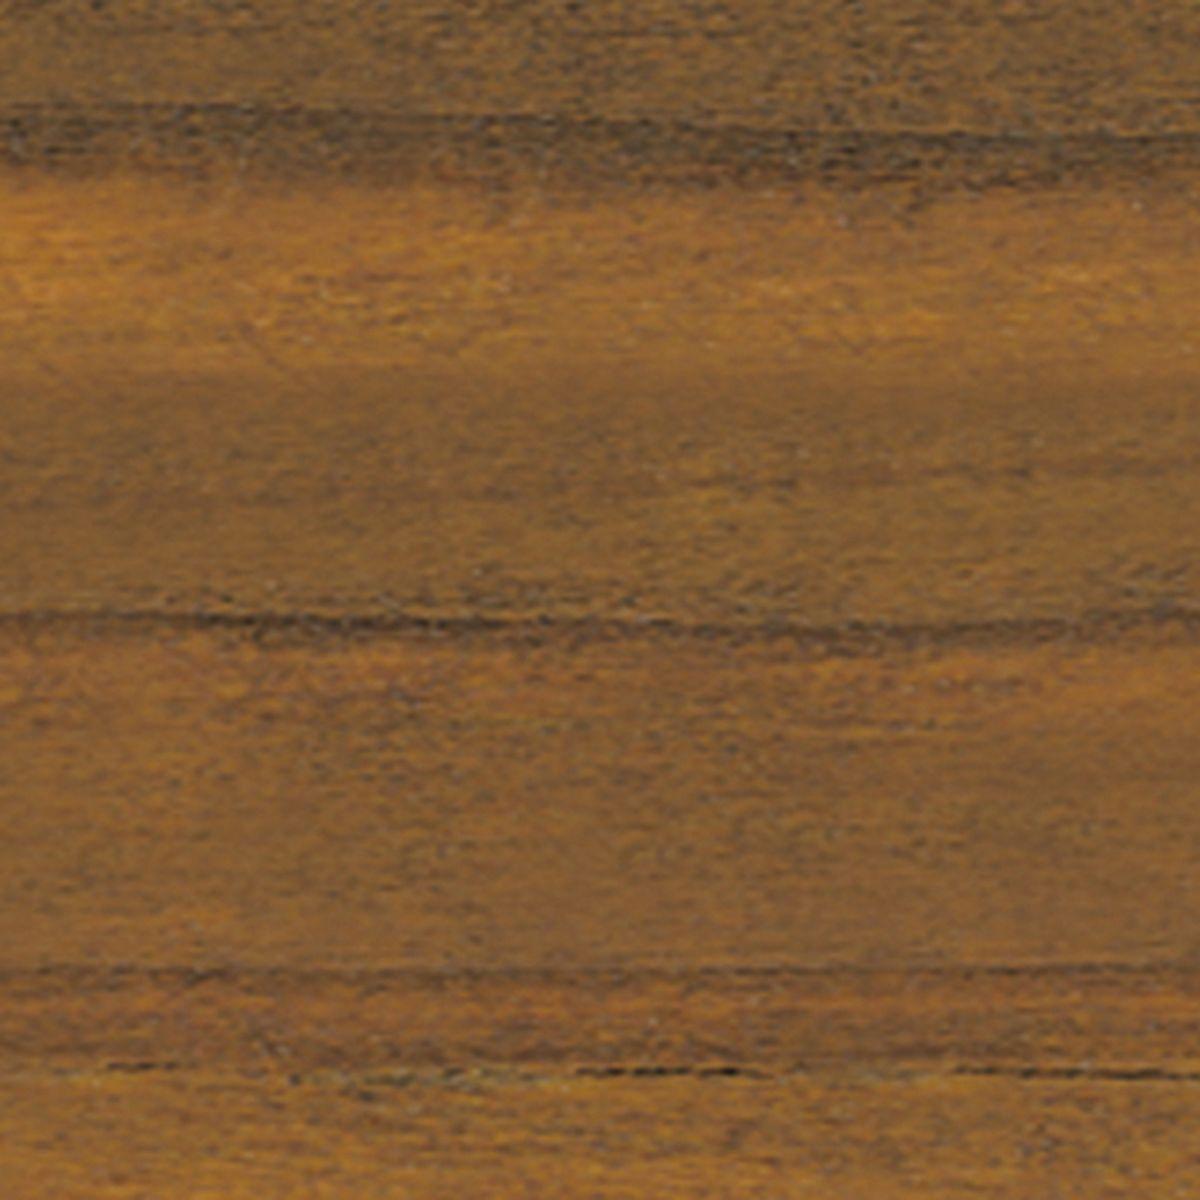 Vernici e tinte per legno: prezzi e offerte online per vernici e ...